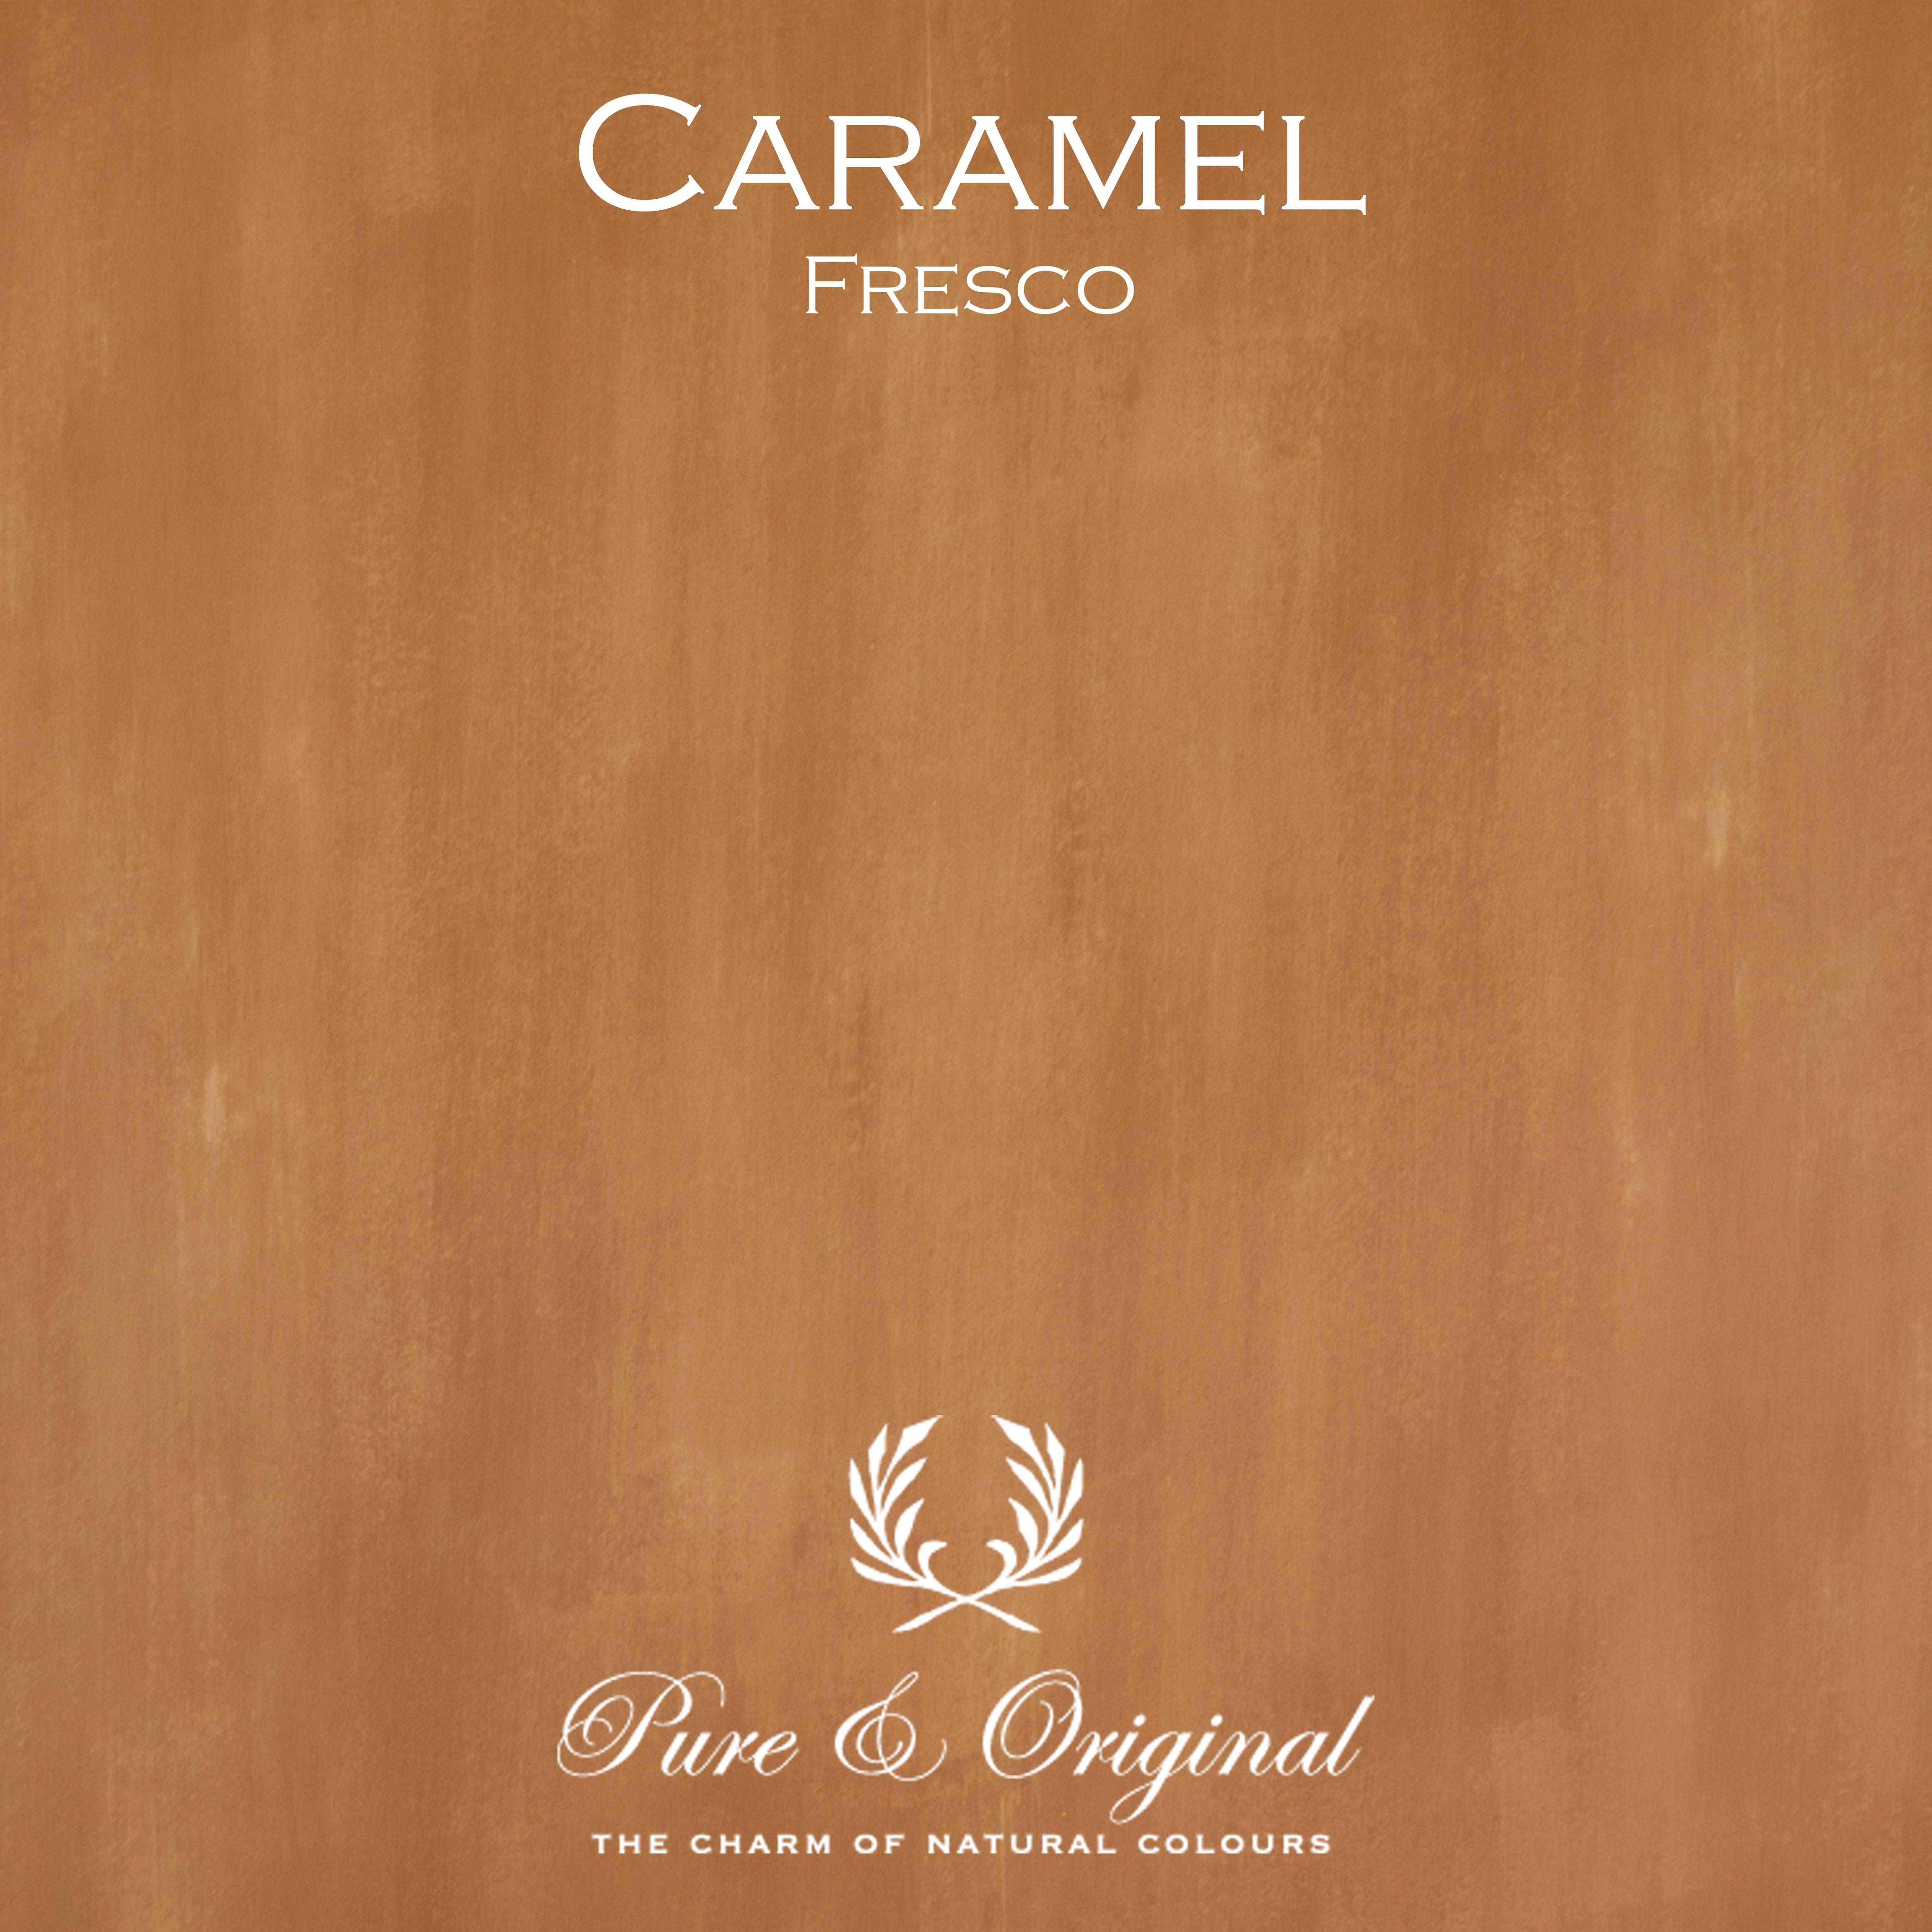 Kulör Caramel, Fresco kalkfärg